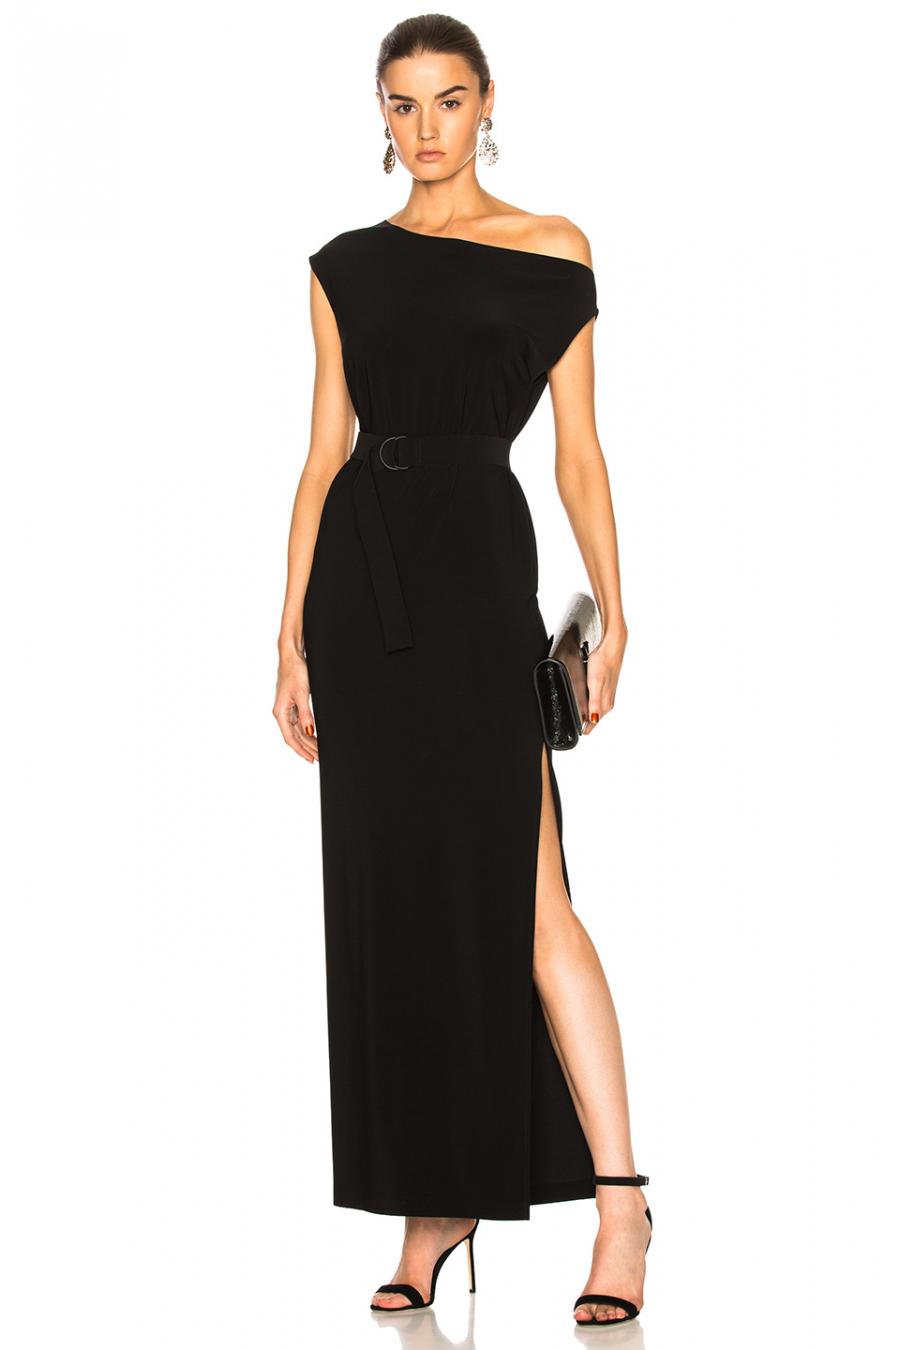 dd69187225796 by UMUT Design İpek Jarse Düşük Omuz Yırtmaçlı Elbise - UMUT